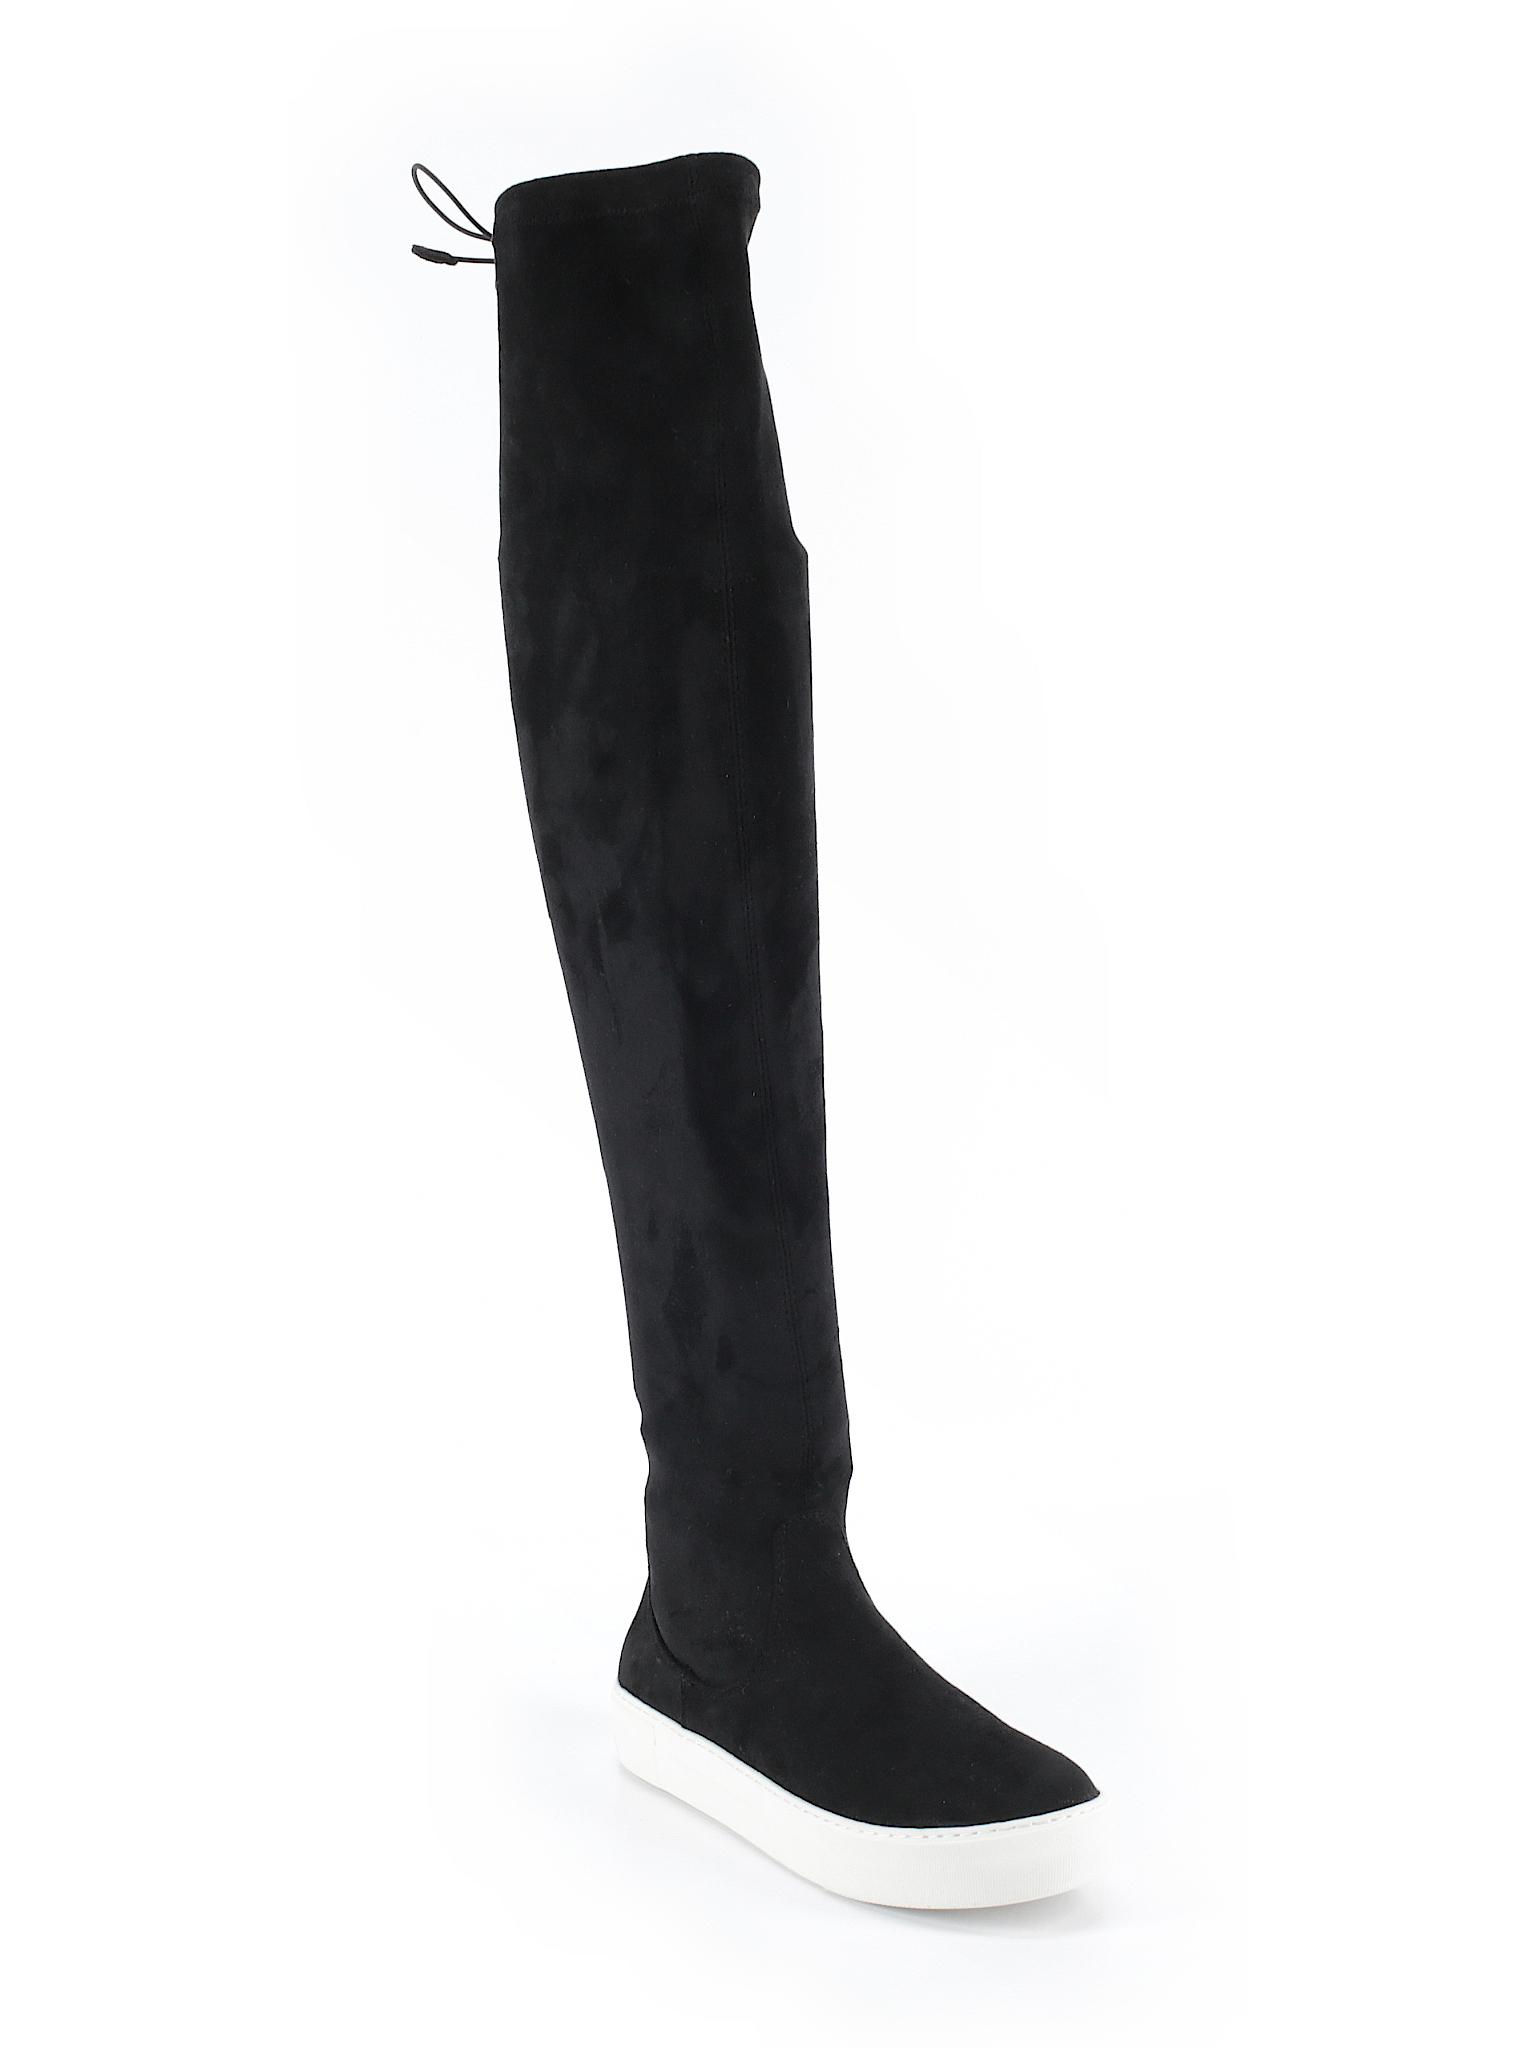 Boutique Boutique promotion Slides J Boots promotion ffwnxzr54